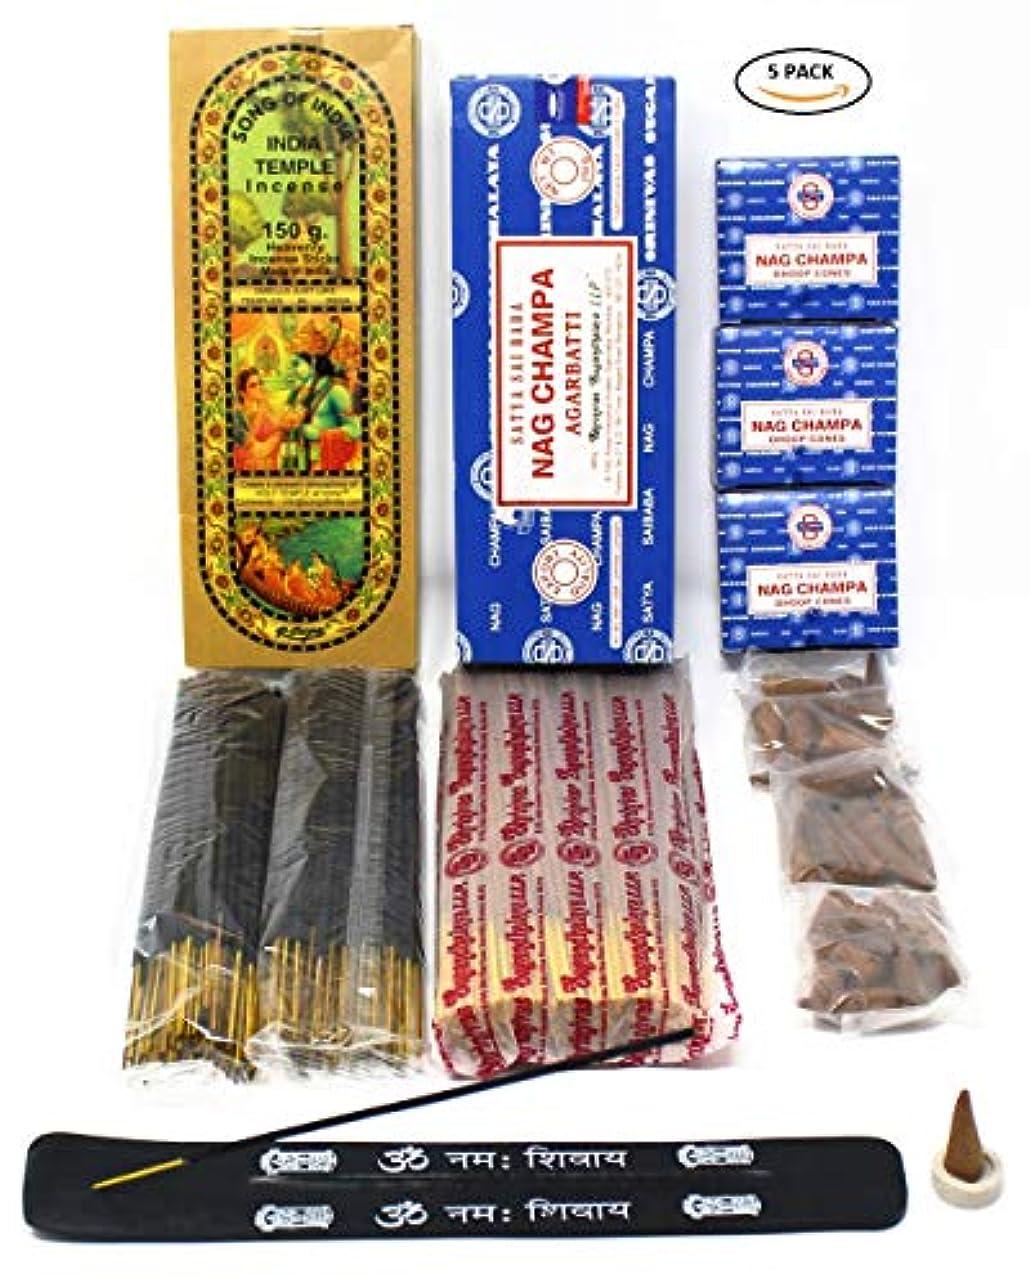 ドレス化合物悪党Satya Sai Nag Champa 250gm インド寺院120gm コーン3個 香炉1個